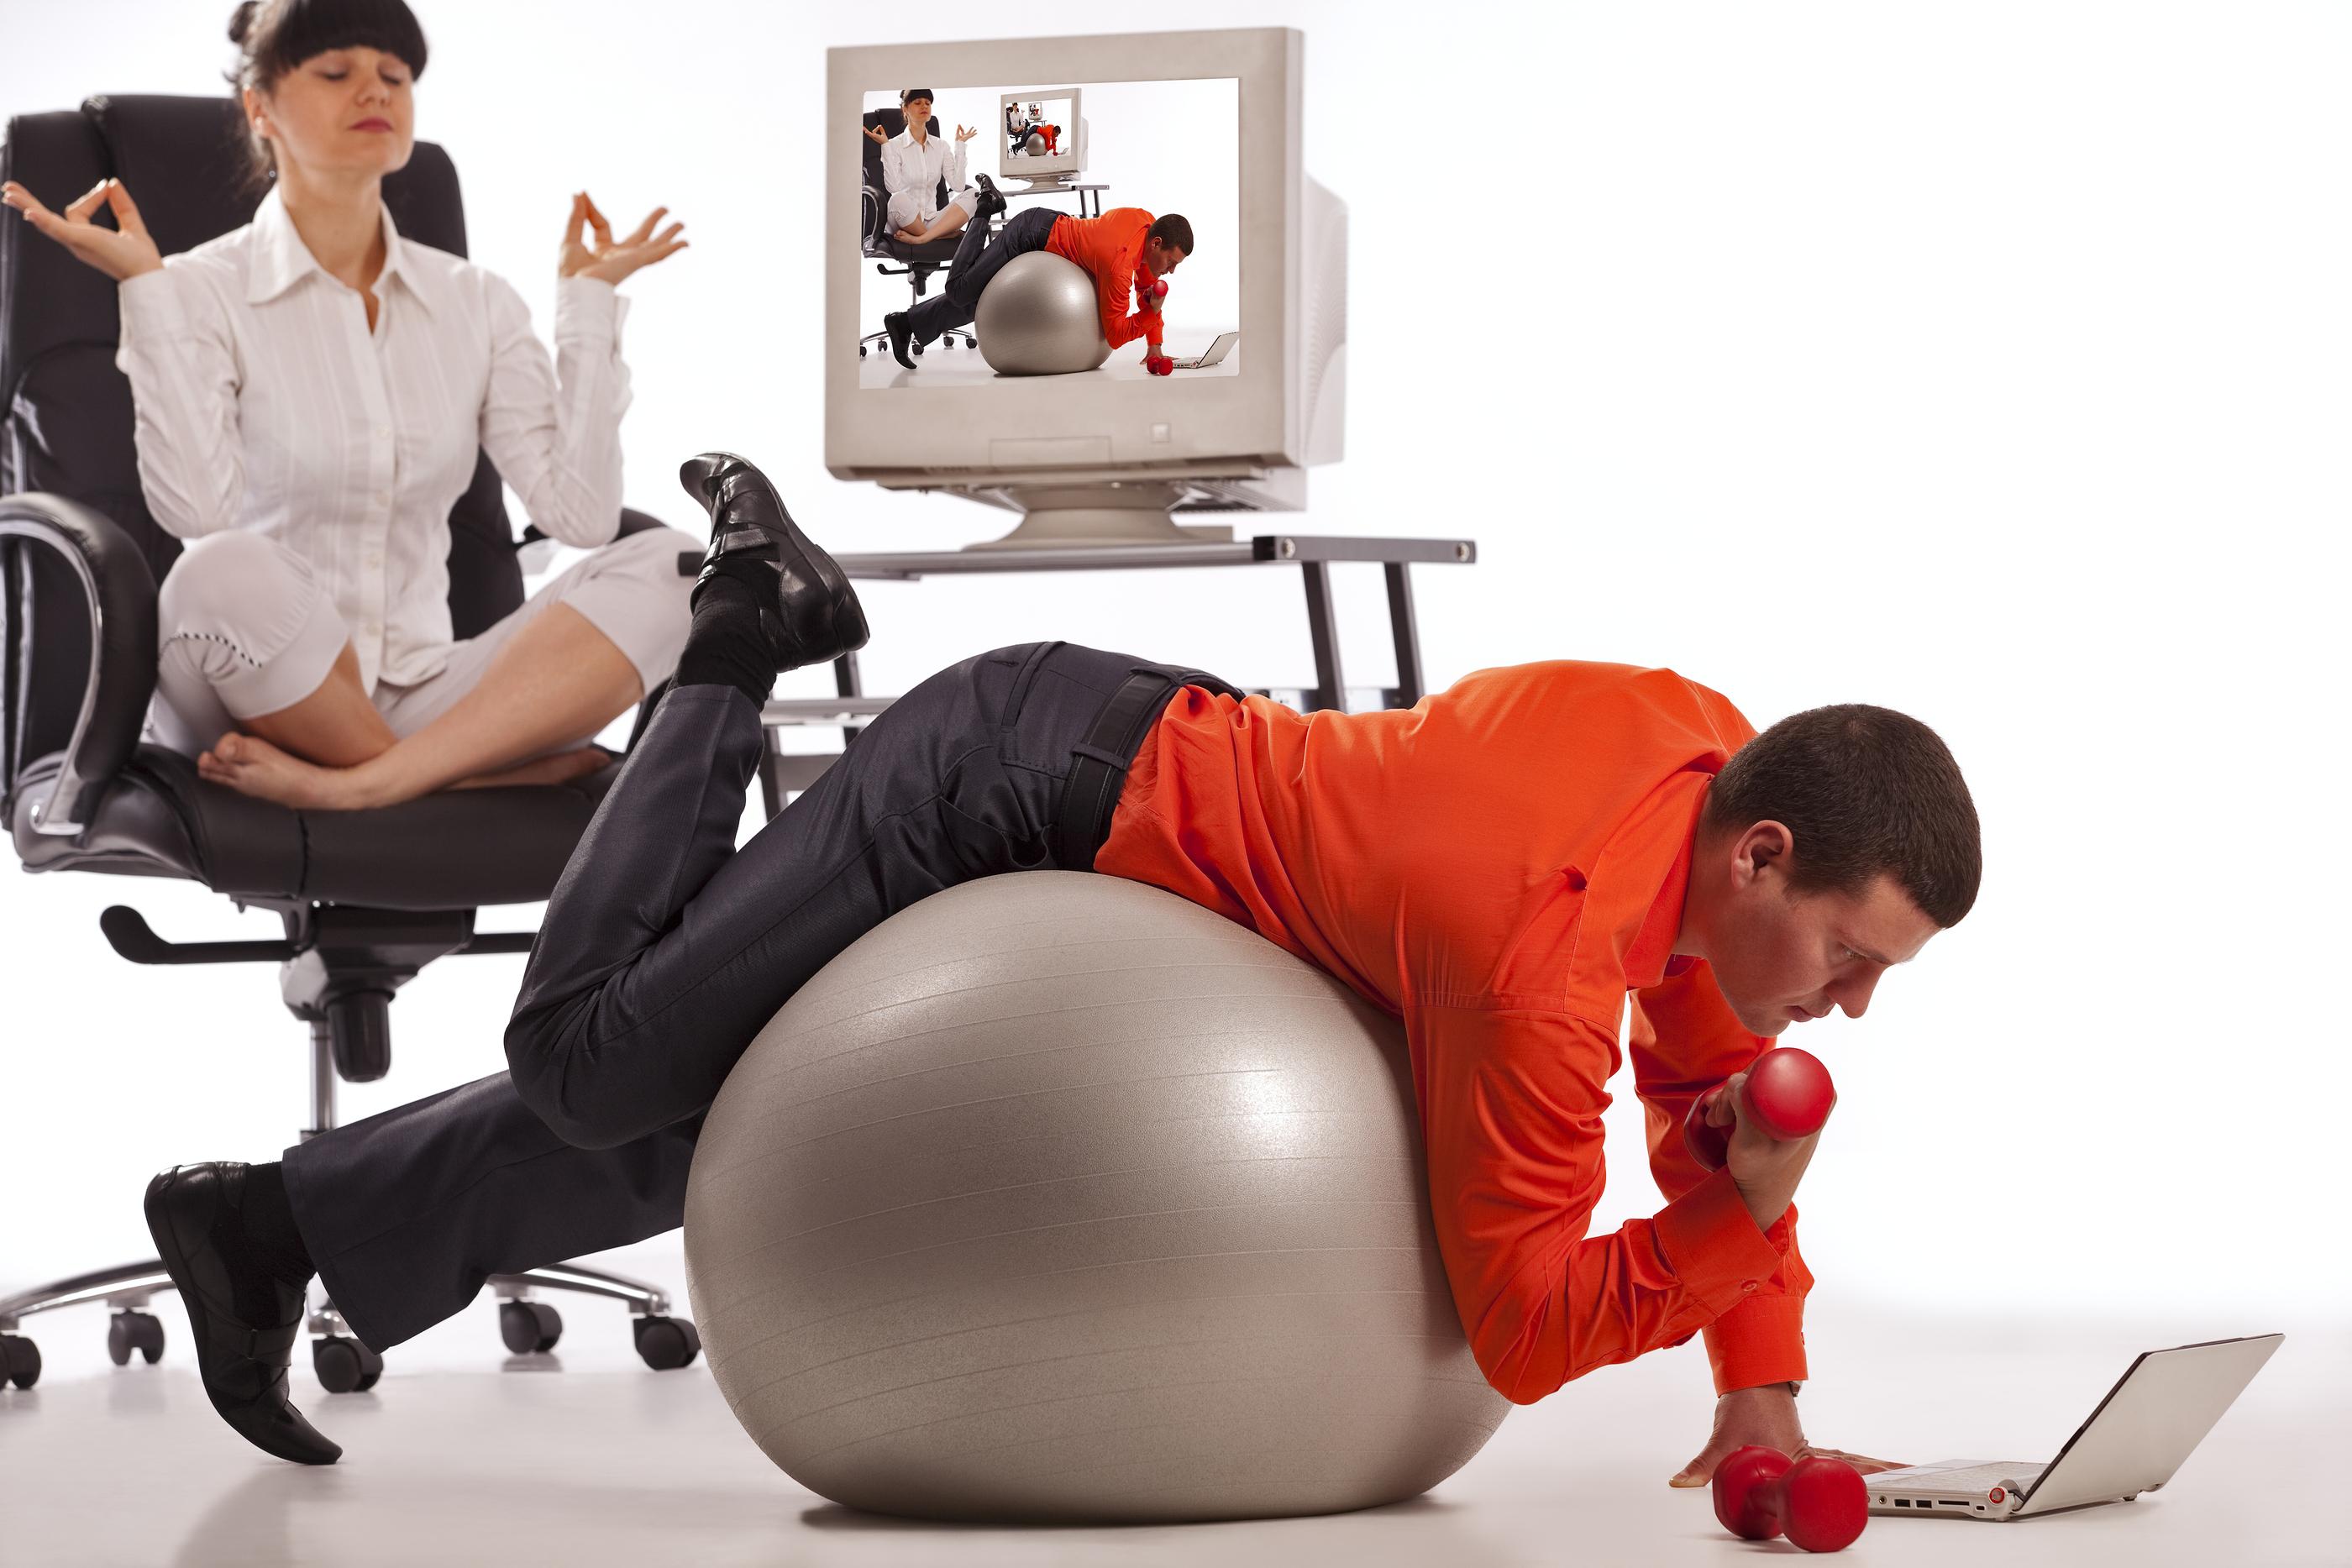 камчатские физкультура на работе картинки людям было